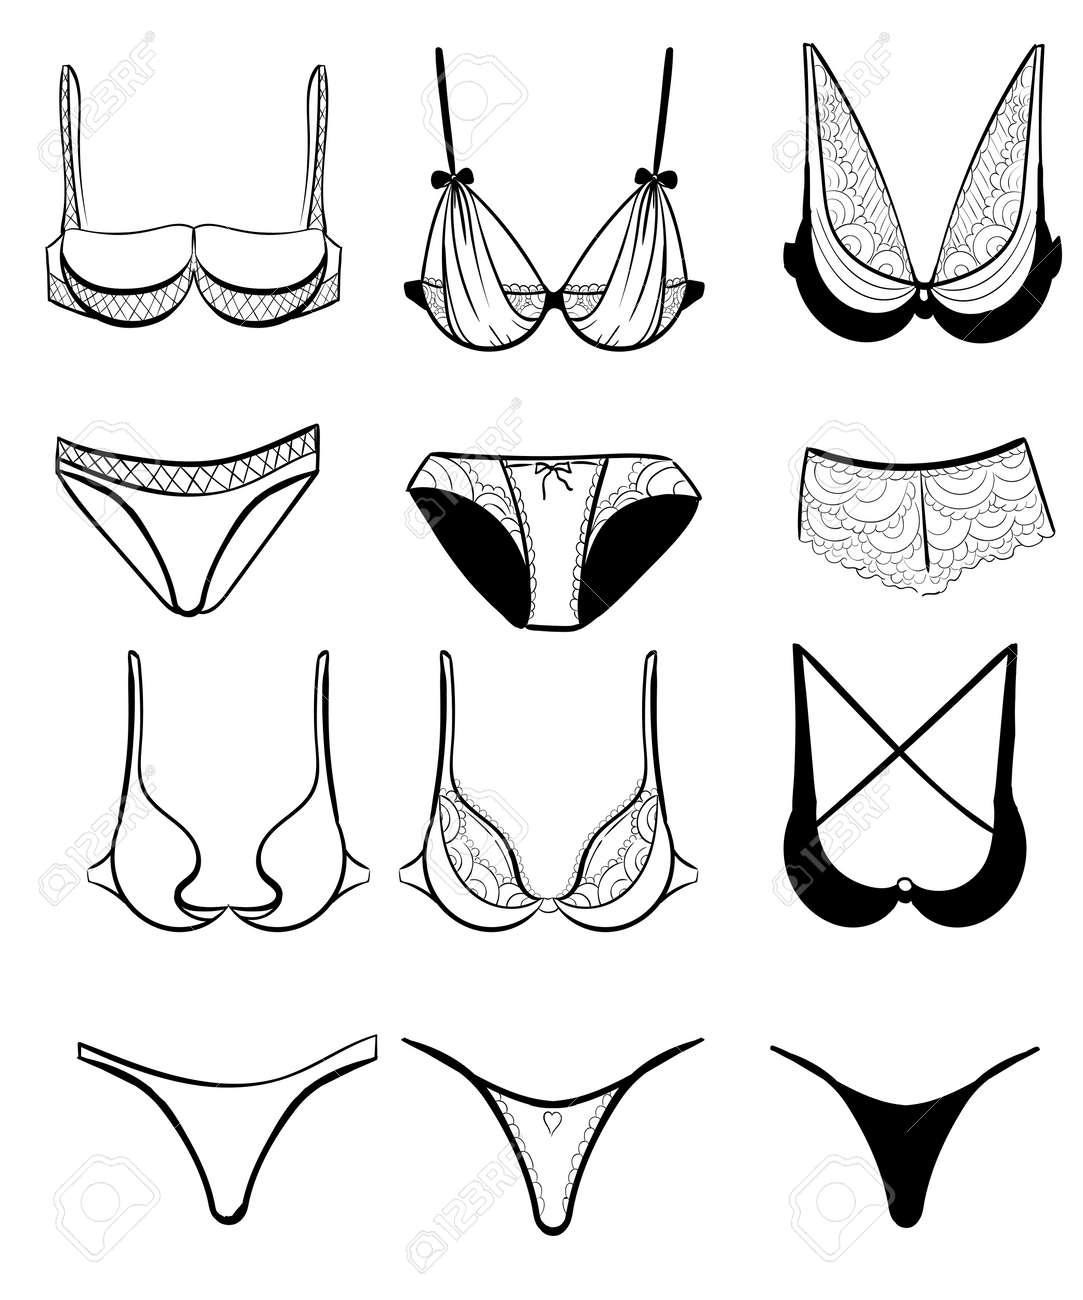 9d0a95f1257c Foto de archivo - Ropa interior femenina de moda. set ropa interior de  encaje sexy. Vector colección de lencería.